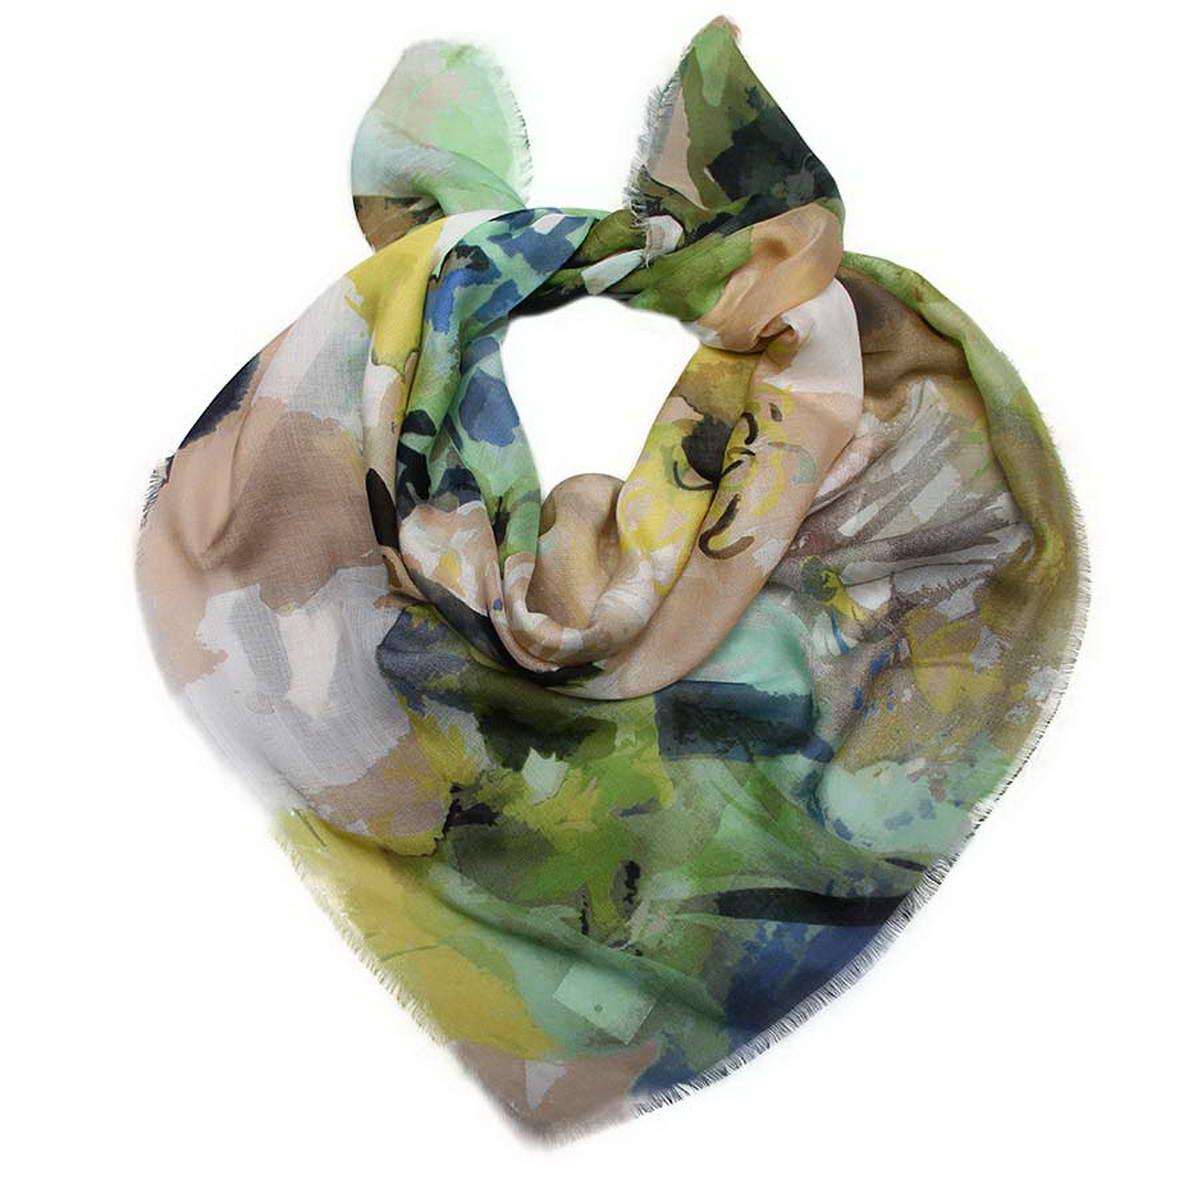 Платок женский. 3002552-63002552-6Даже на вид Вы можете разглядеть нежность и мягкость материала этого платка, как только Вы прикоснетесь к нему, изделие сразу станет Вашим любимым и незаменимым предметом гардероба. Платок из мягкого материала, оформлен необычным цветочным рисунком, который в драпировке создает привлекательную композицию.